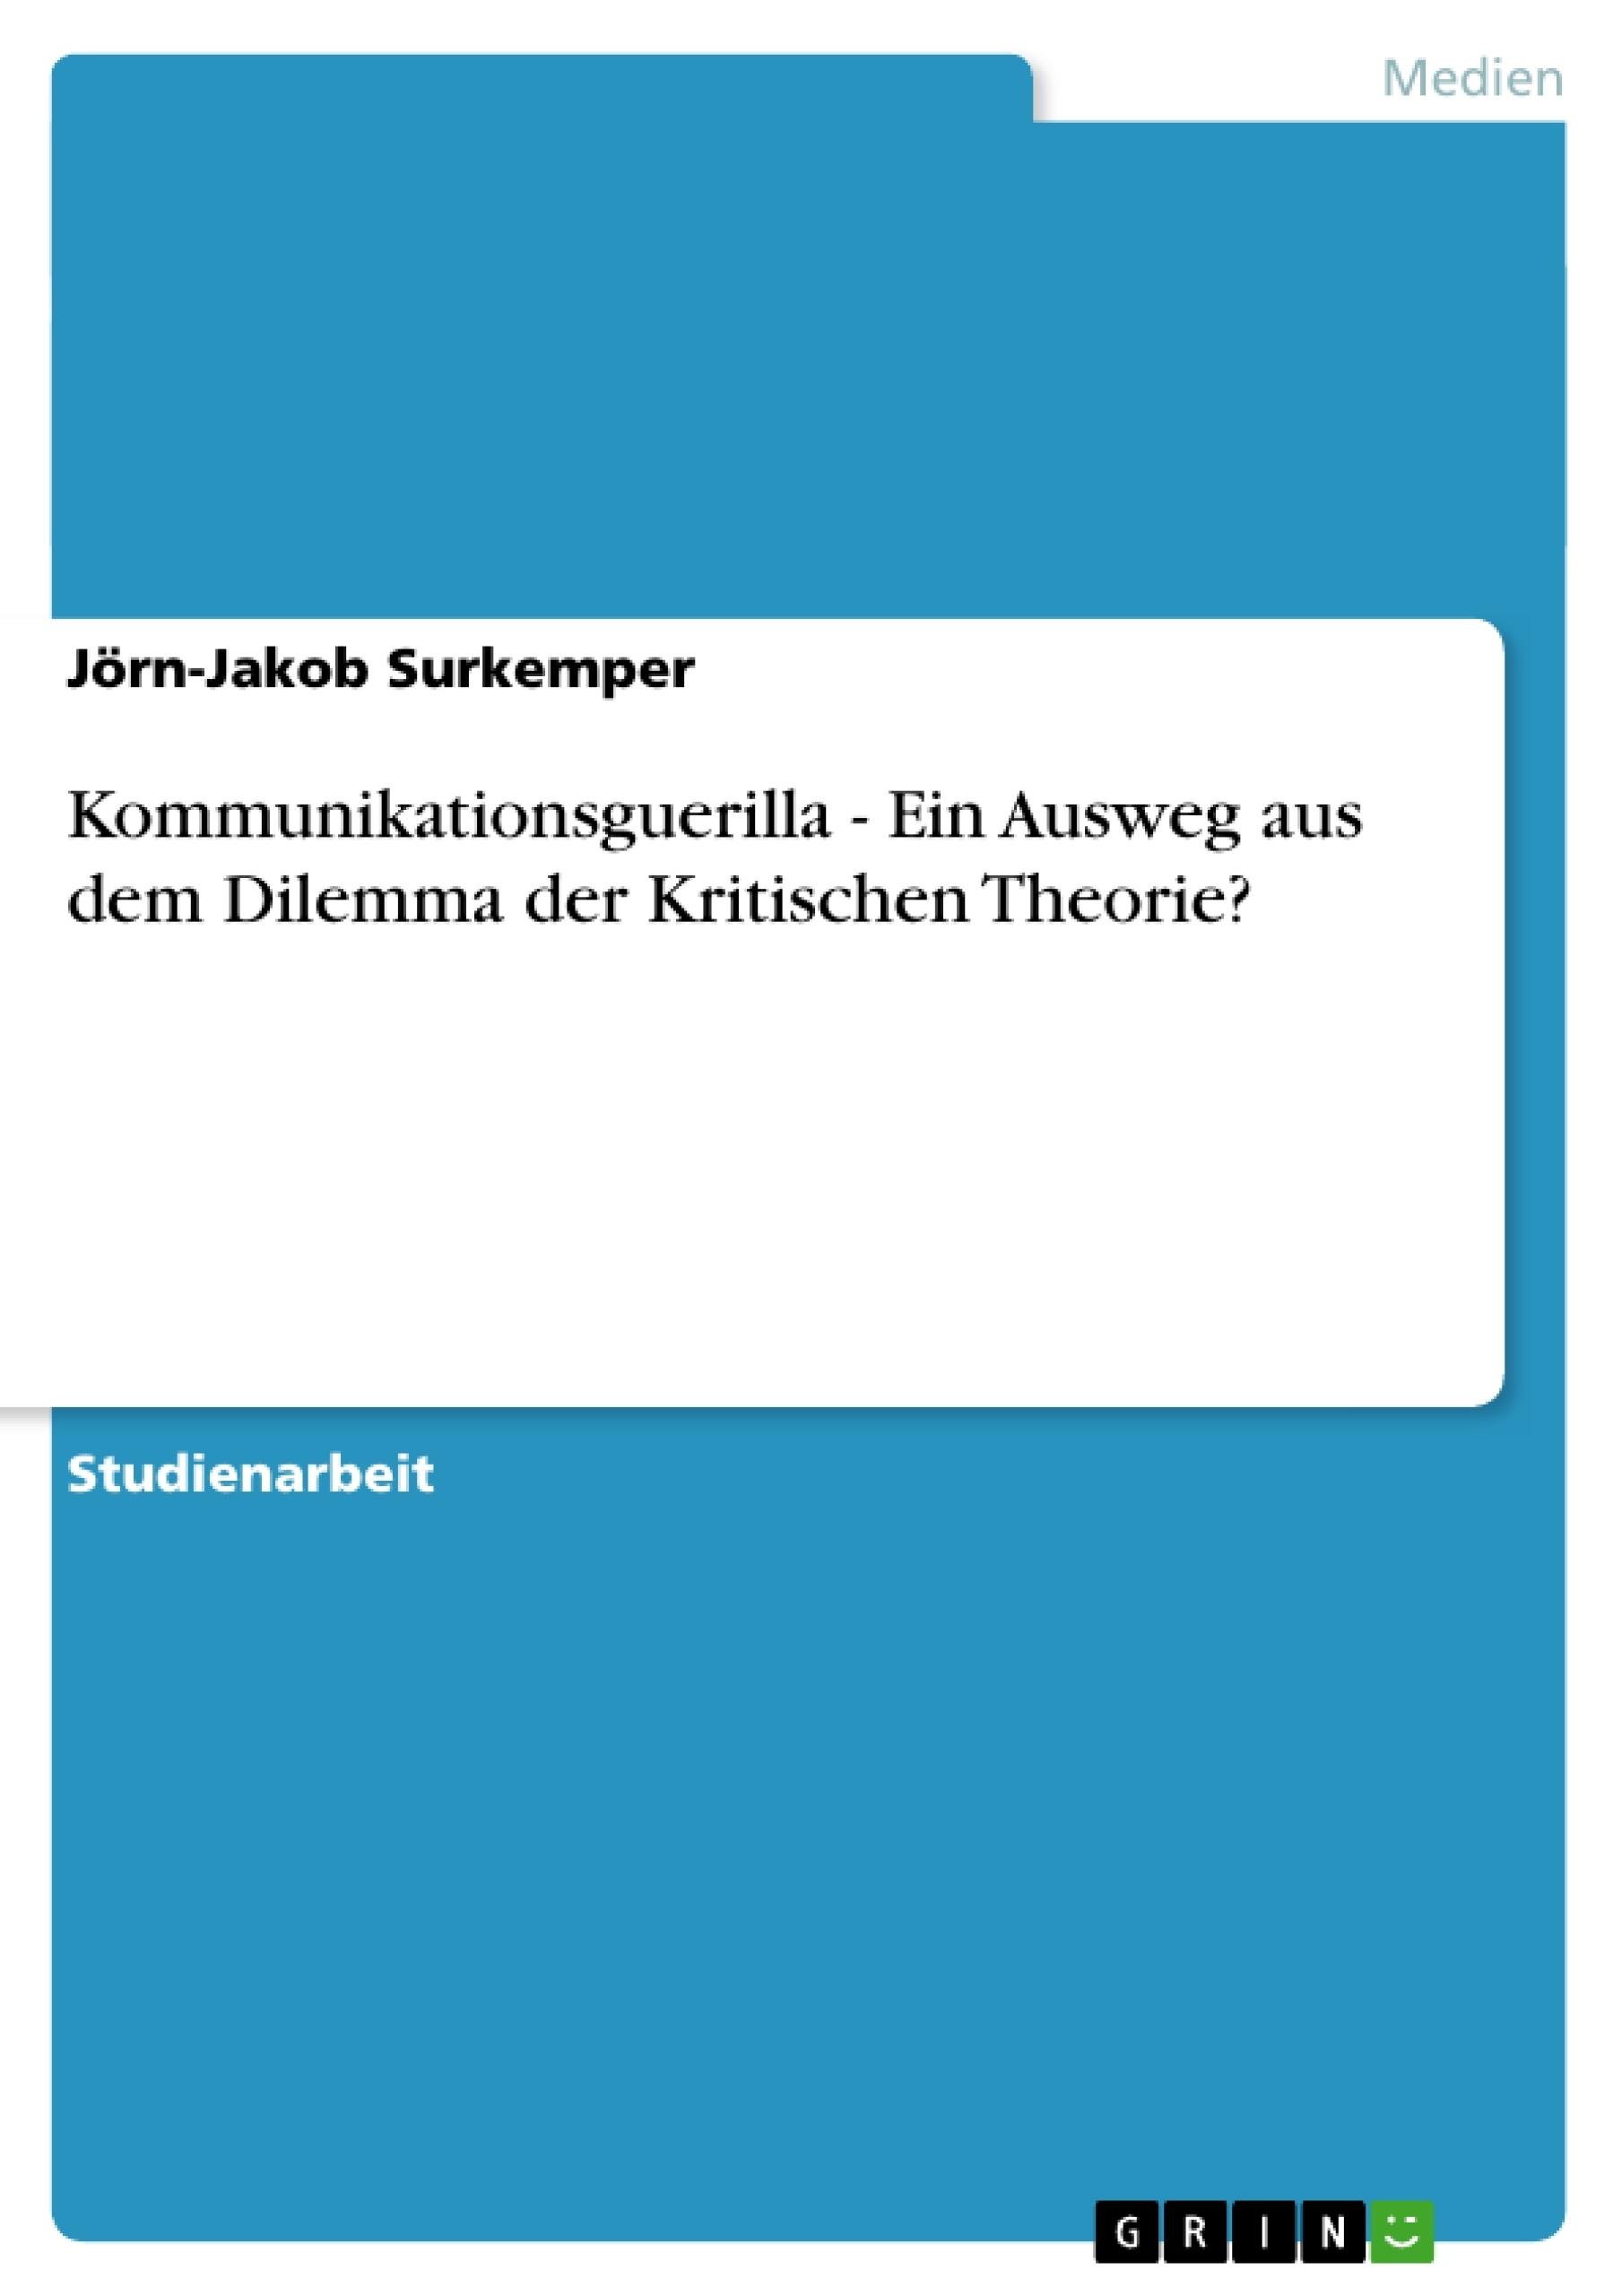 Titel: Kommunikationsguerilla - Ein Ausweg aus dem Dilemma der Kritischen Theorie?